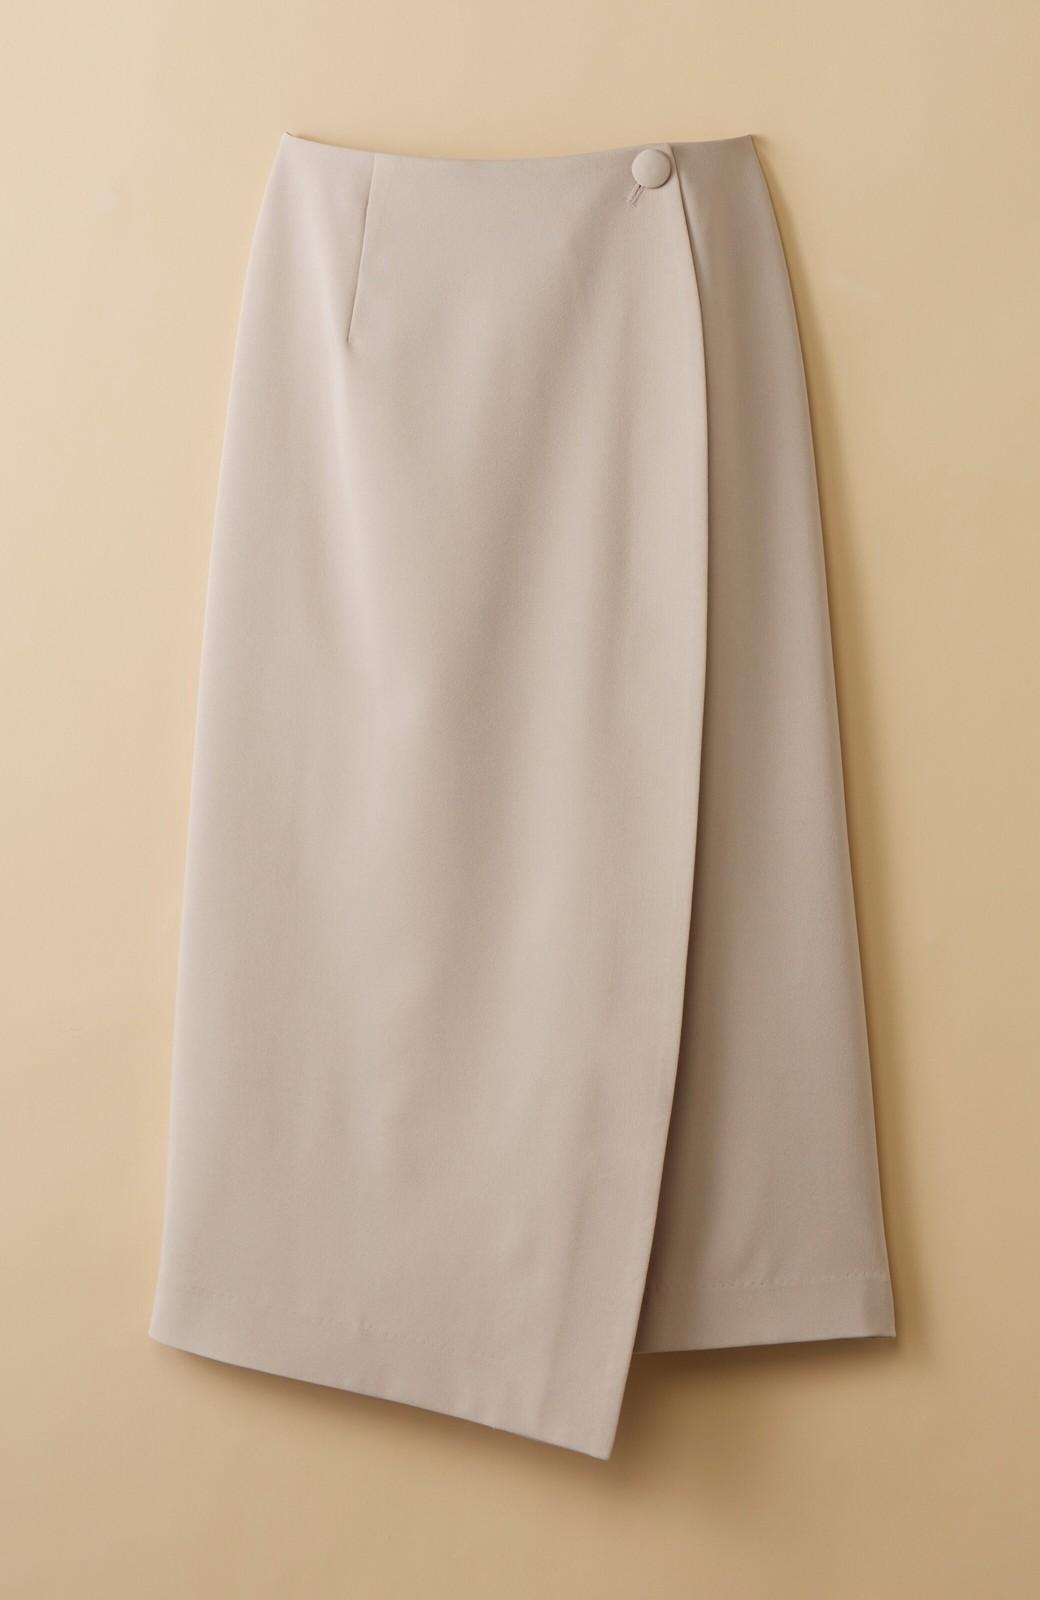 haco! いざというとき困らないための 大人のフォーマルジャケット・パンツ・スカート3点セット by que made me <ベージュ>の商品写真5